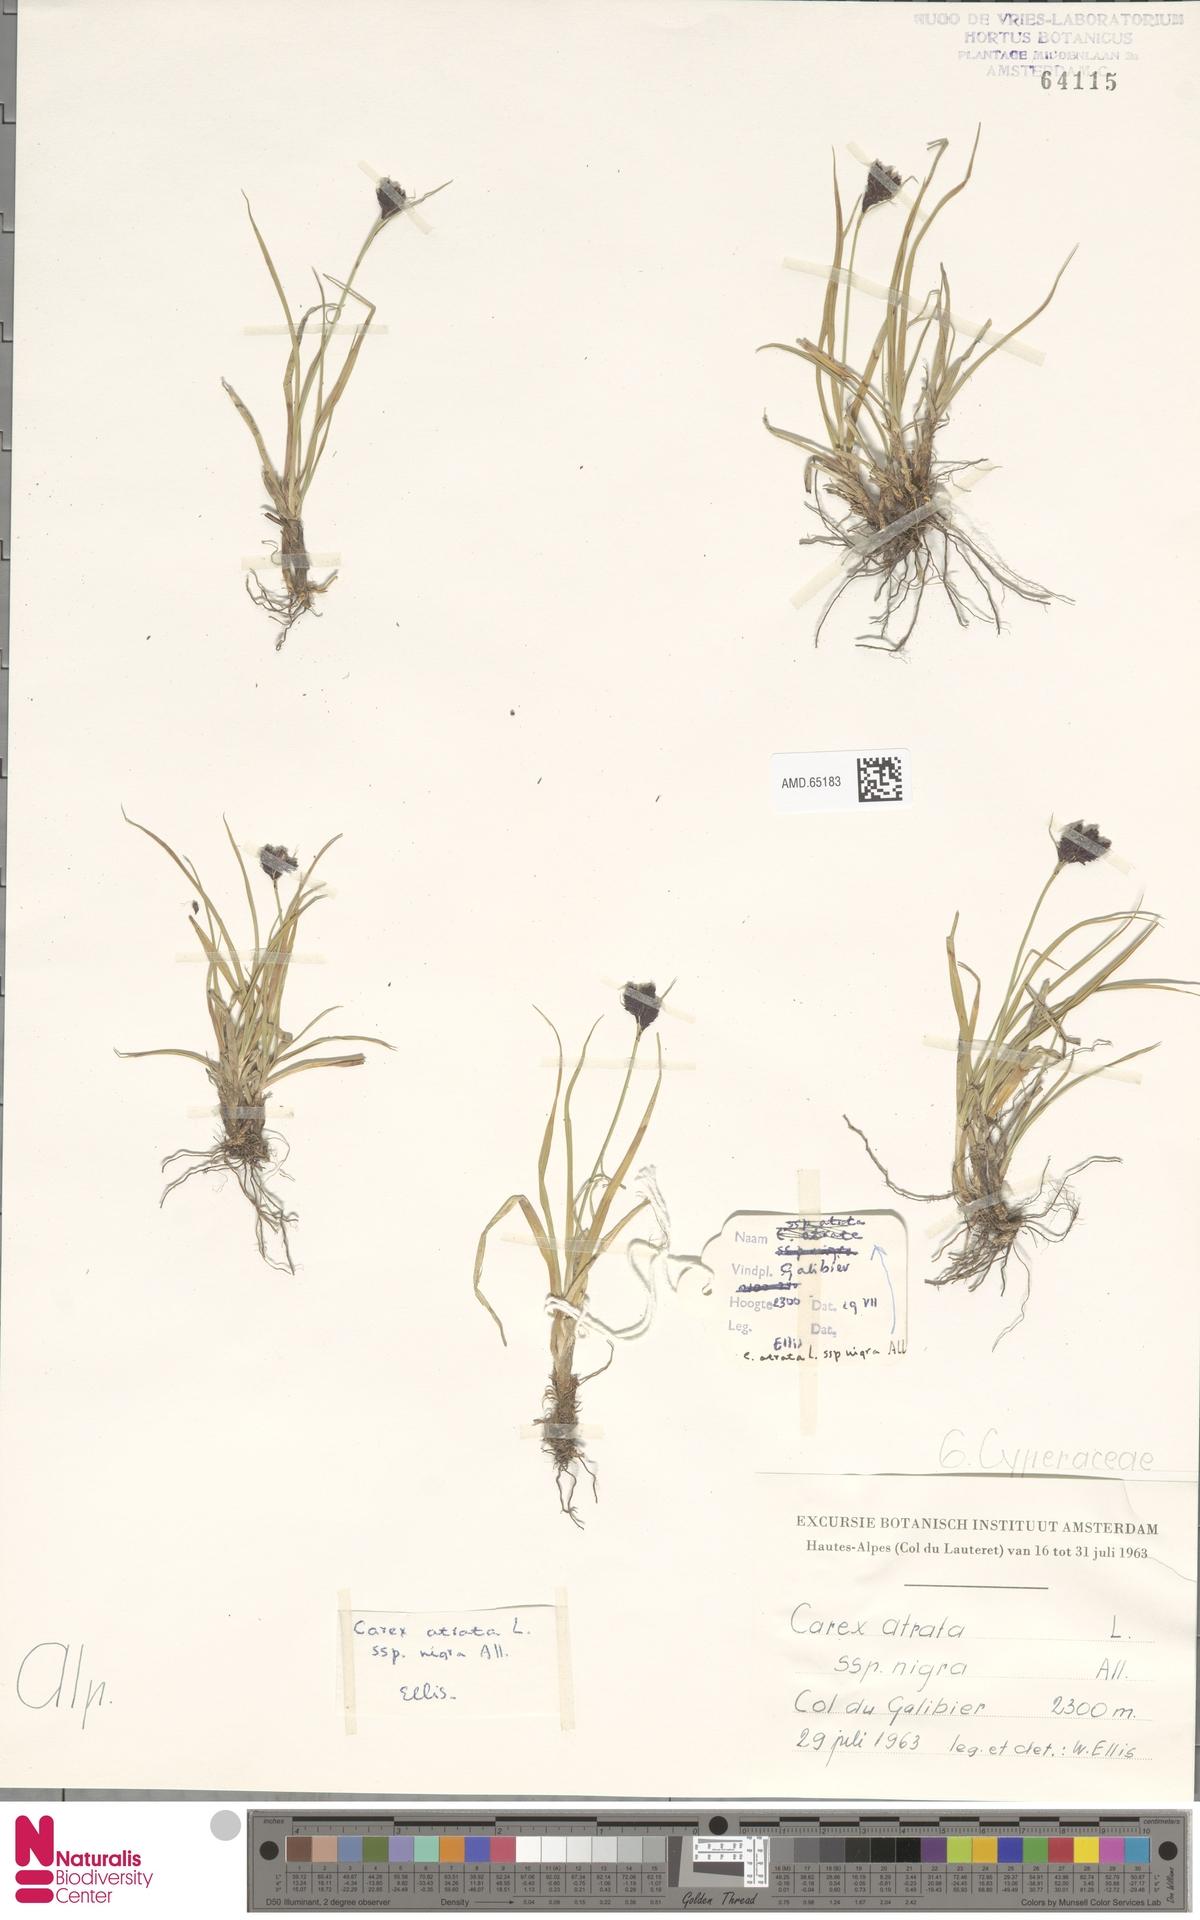 AMD.65183 | Carex atrata subsp. nigra